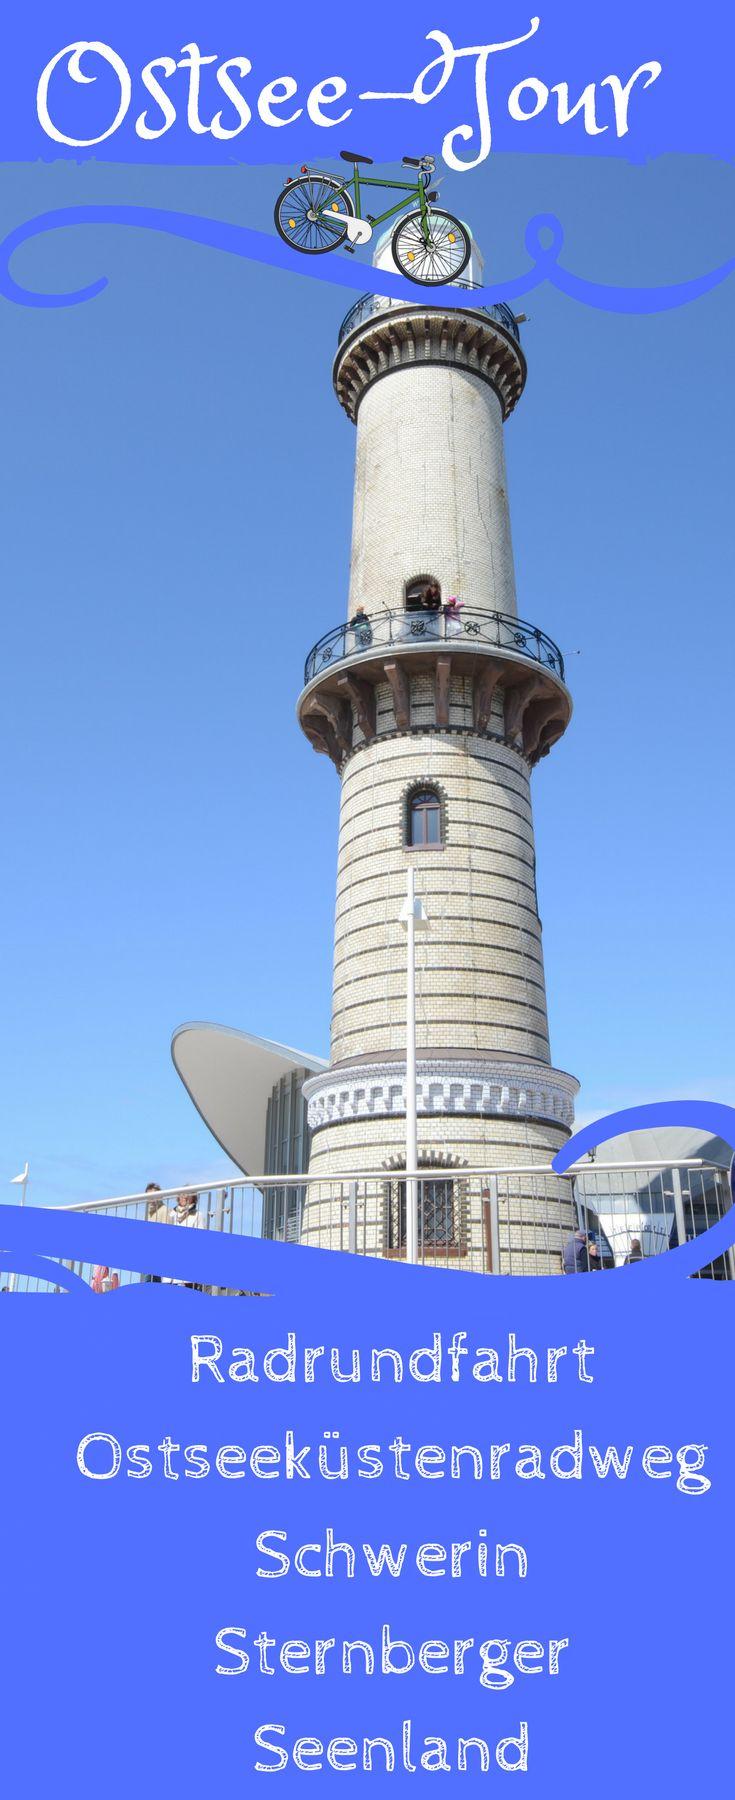 Der Warnemünder Leuchtturm liegt auf der wunderschönen Radtoute, welche über den Ostseeküstenradweg, Schwerin, Rostock, Güstrow und das Sternberger Seenland führt. #Reise #Deutschland #Outdoor #mecklenburg #ostsee #schwerin #rostock #wismar